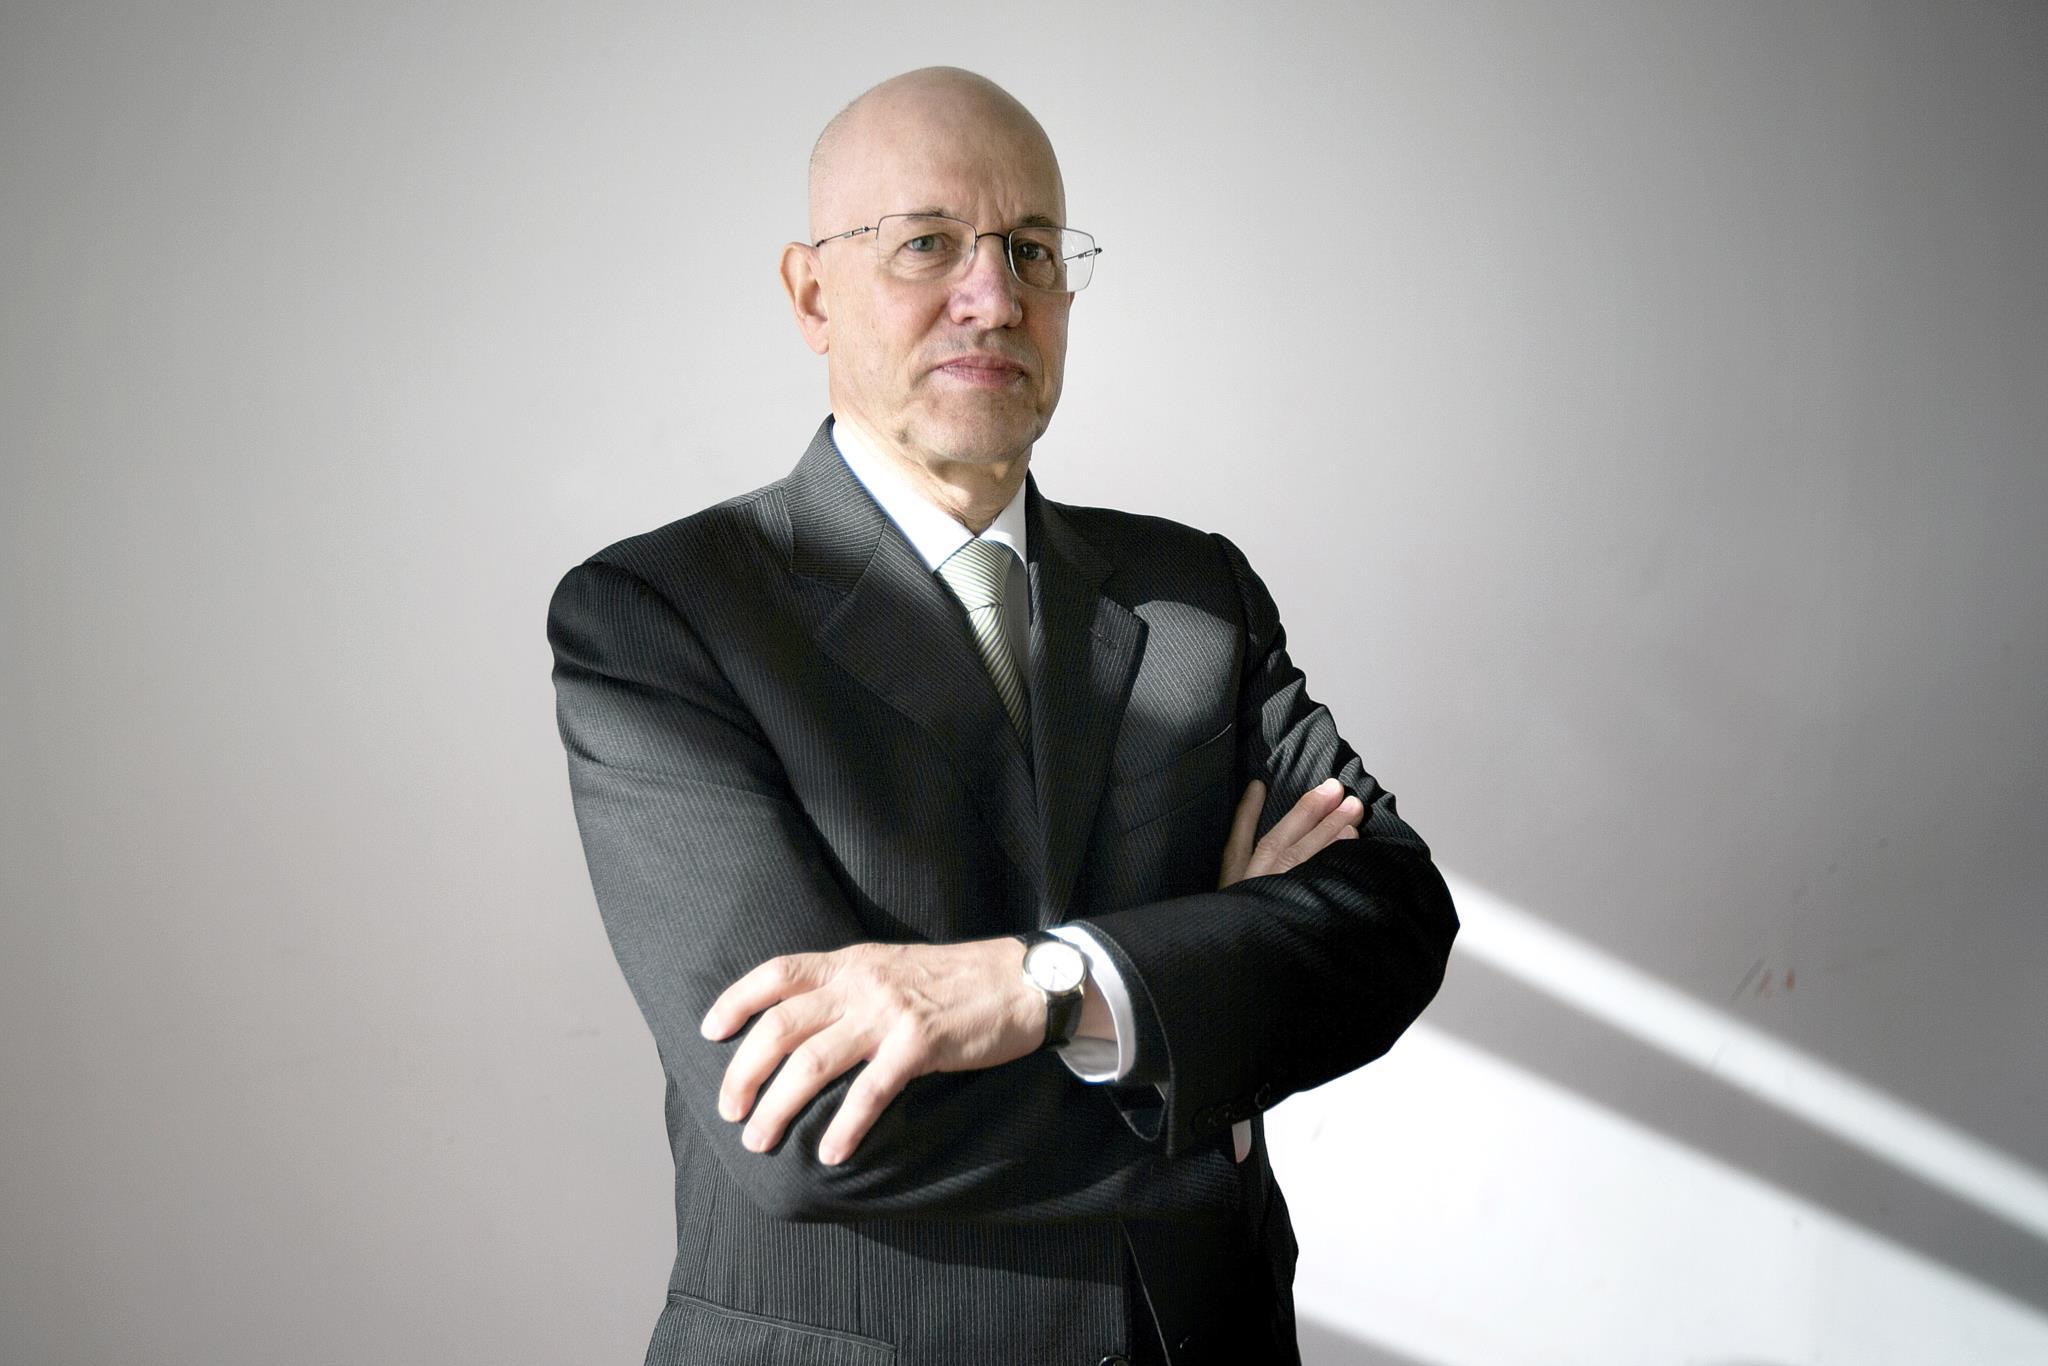 PÚBLICO - Dona da rede Multibanco está à procura de investidor estratégico